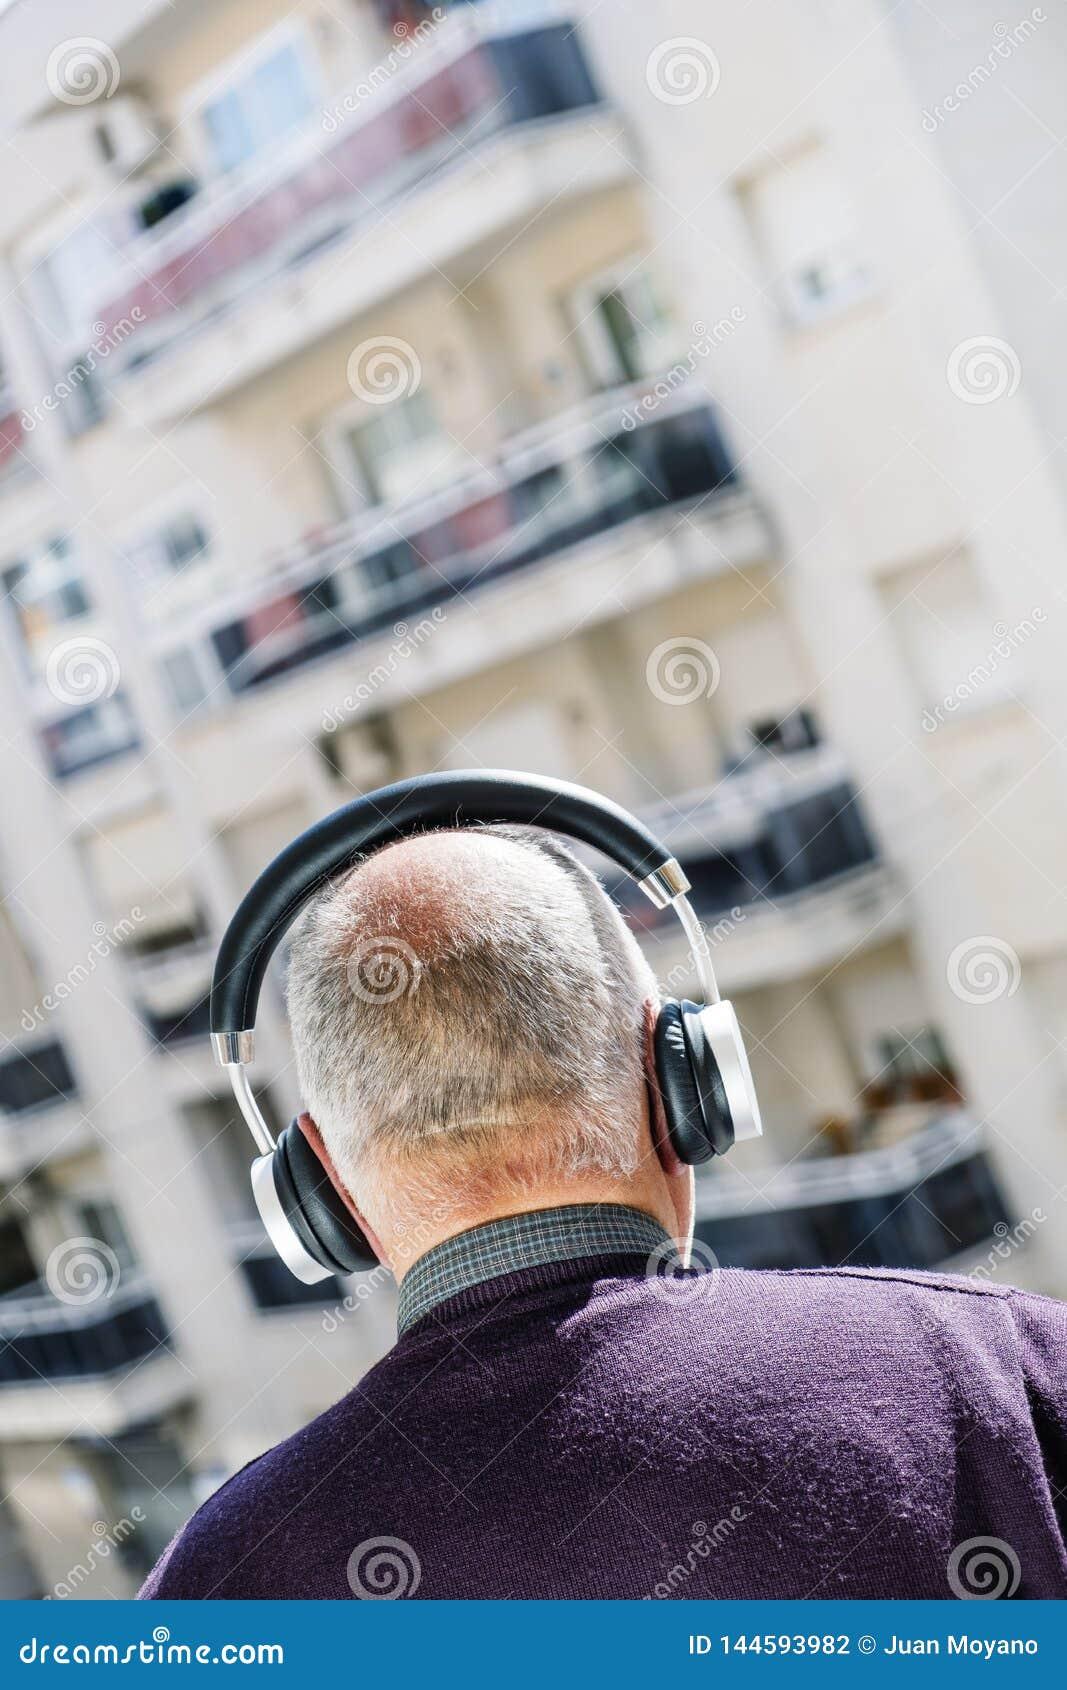 Old caucasian man using headphones